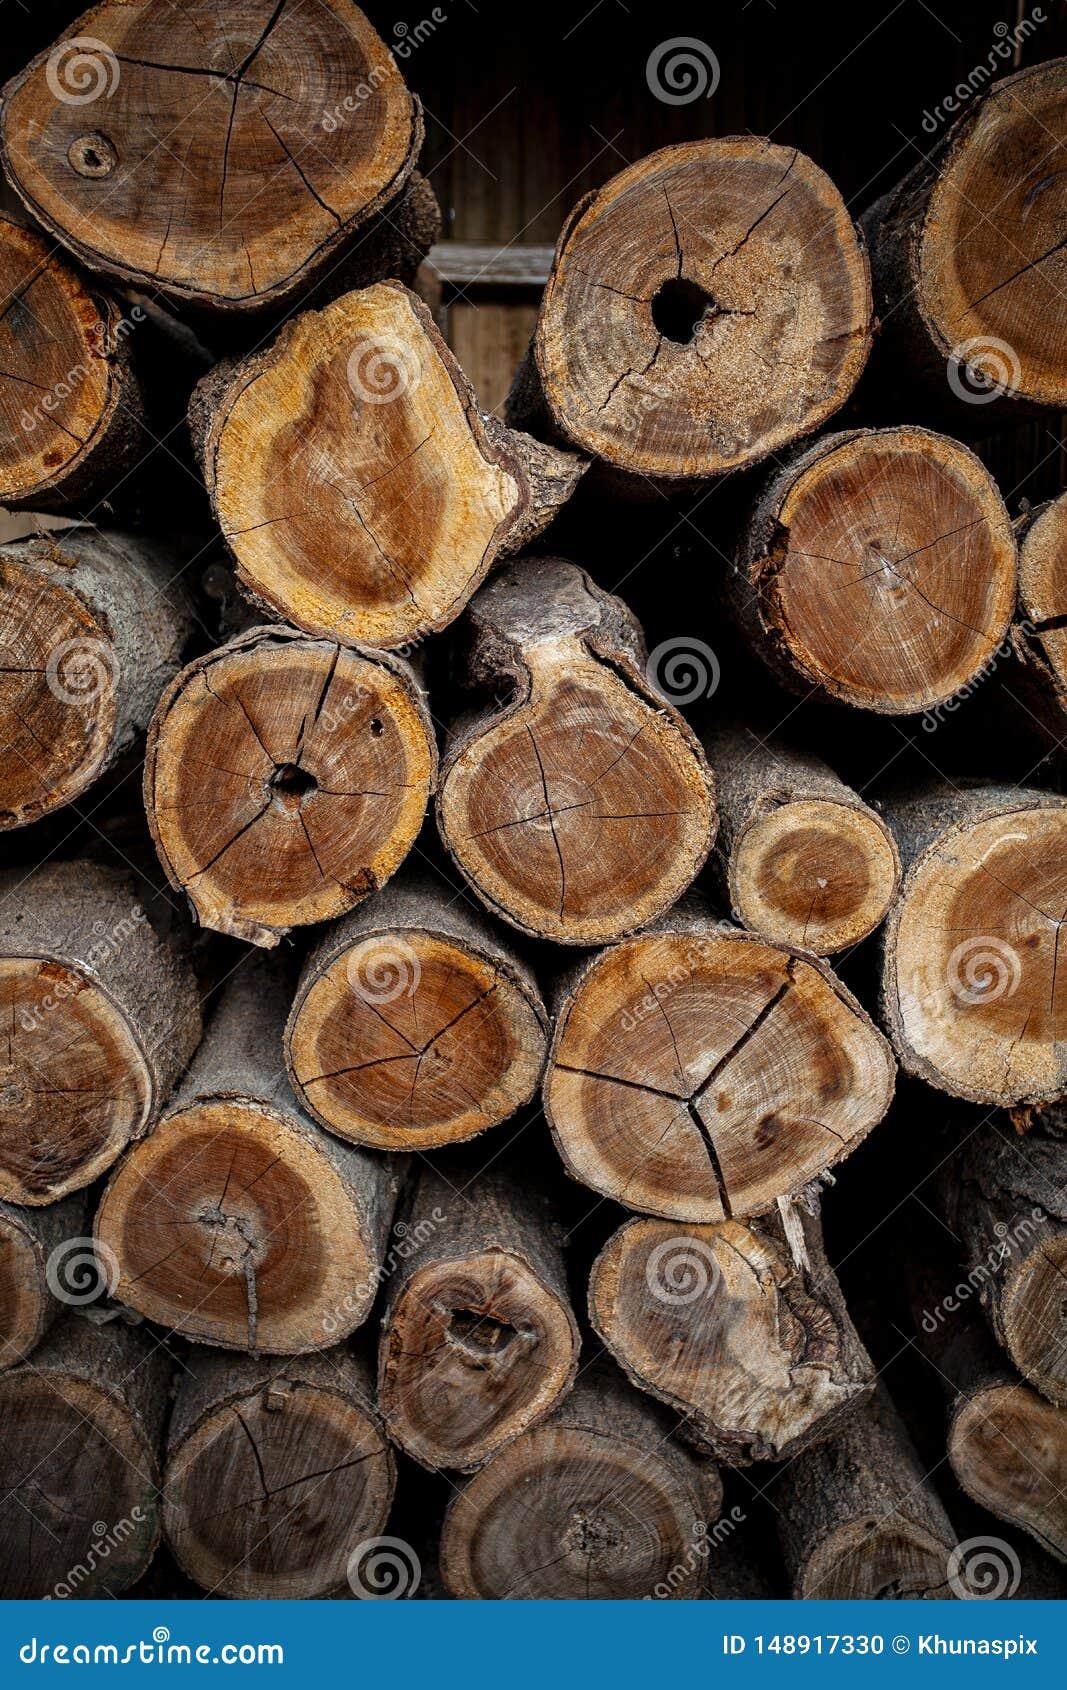 Tn?ca powierzchnia drewnianej nazwy u?ytkownikiej gospodarstwa rolnego wiejski magazyn